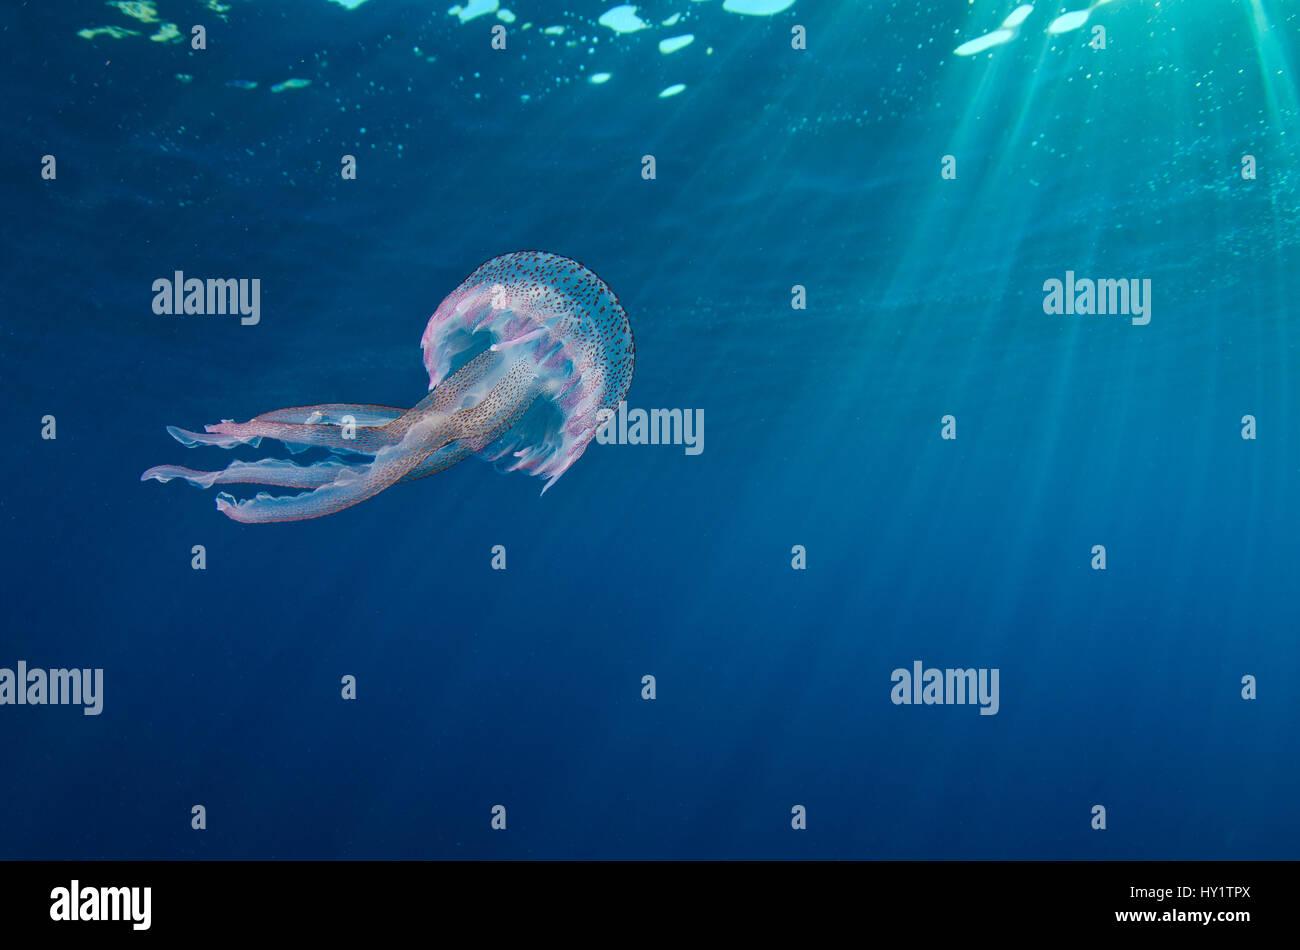 Eine kleine Quallen (Pelagia noctiluca) schwimmt unter der Oberfläche. Meeresschutzgebiet von Portofino (Area Marina Protetta Portofino), Ligurien, Italien. Mittelmeer. Stockfoto